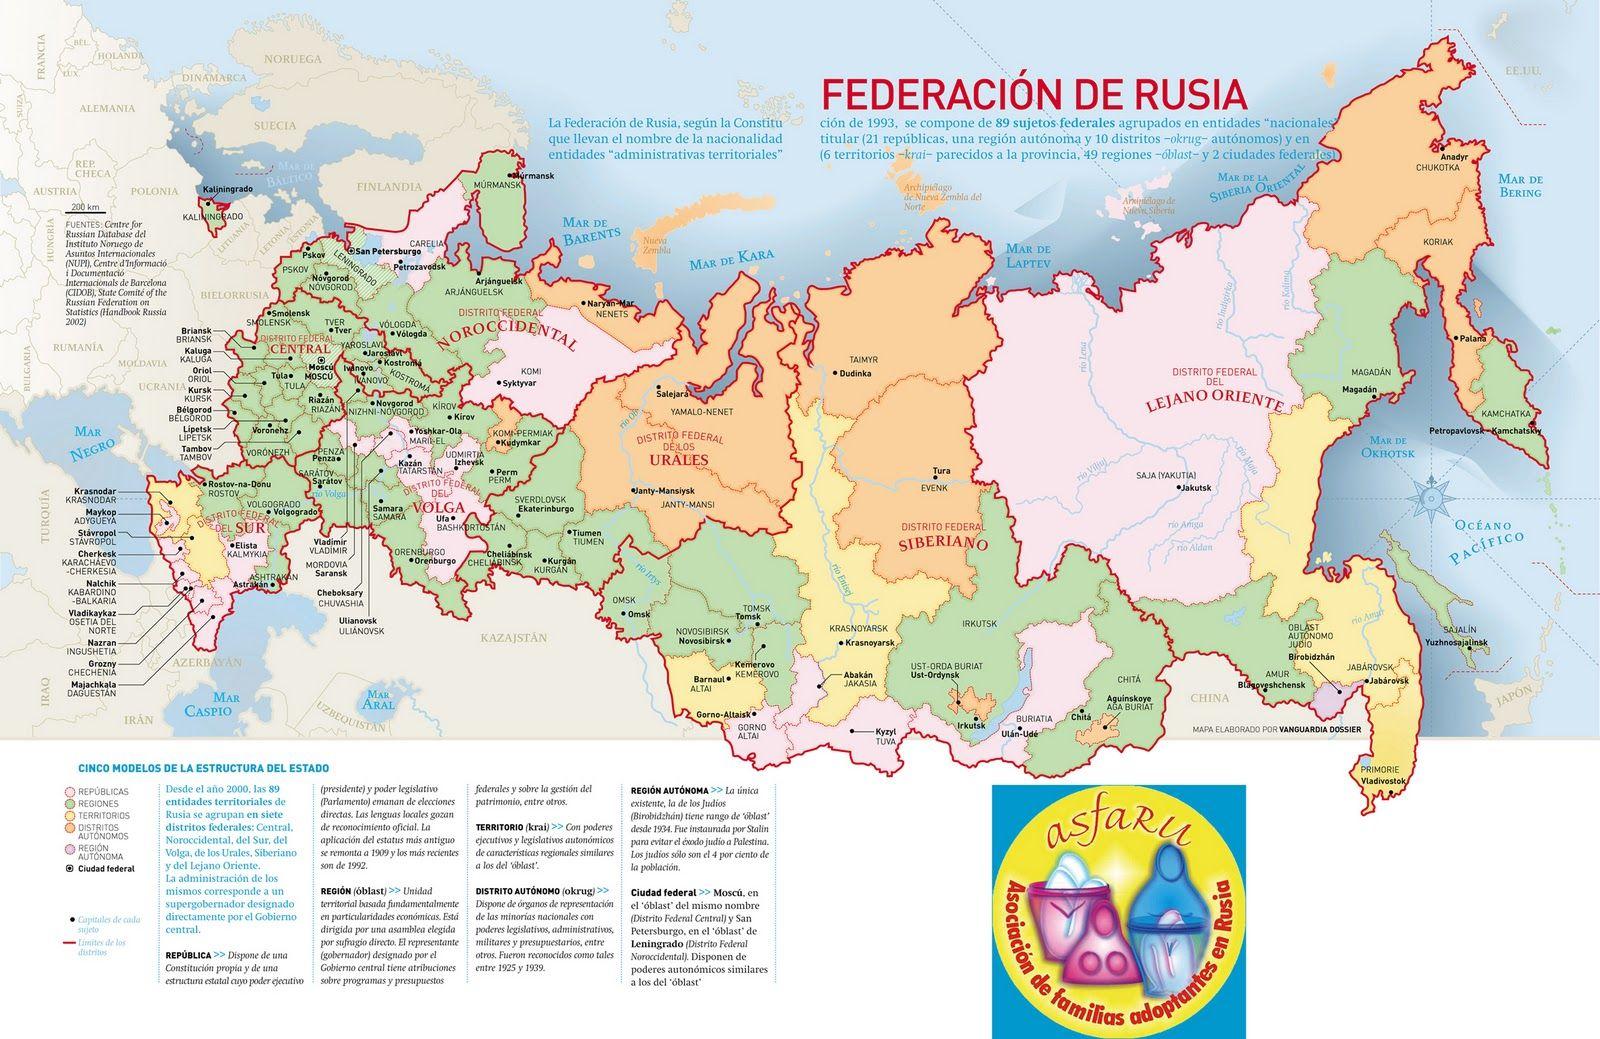 Mapa Politico De Rusia Actual.Resultado De Imagen Para Rusia Mapa Politico Rusia Mapa